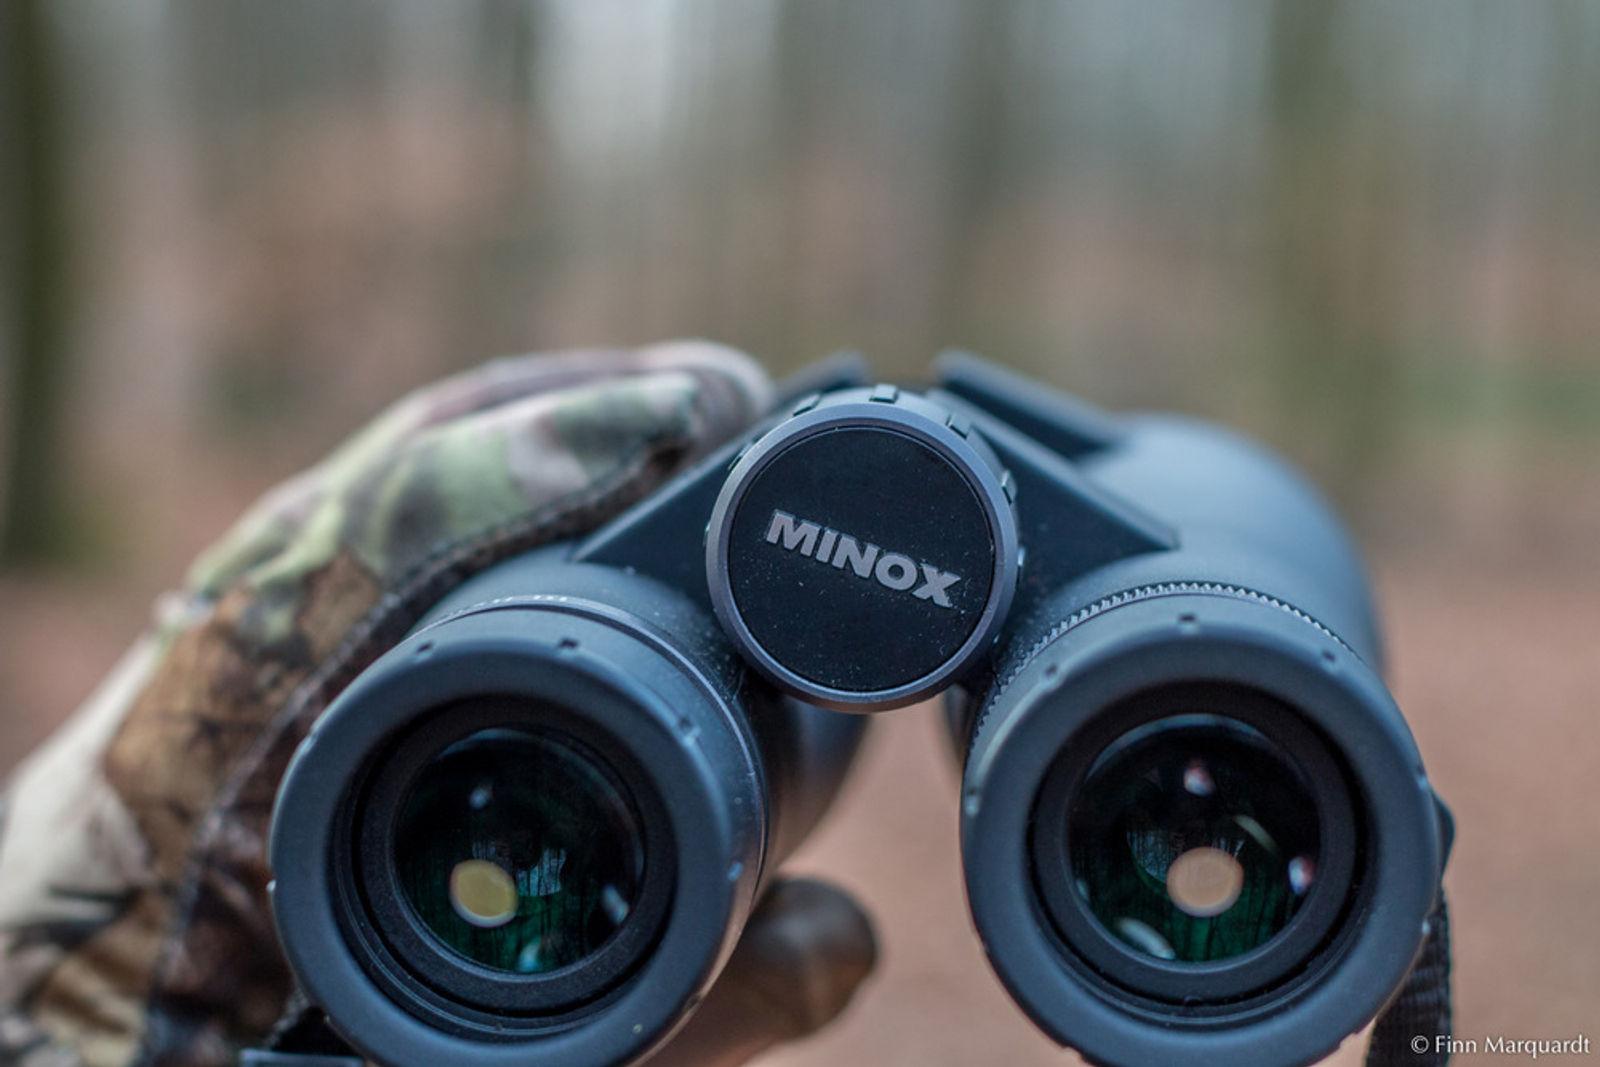 Fernglas minox bl 8x52 hd